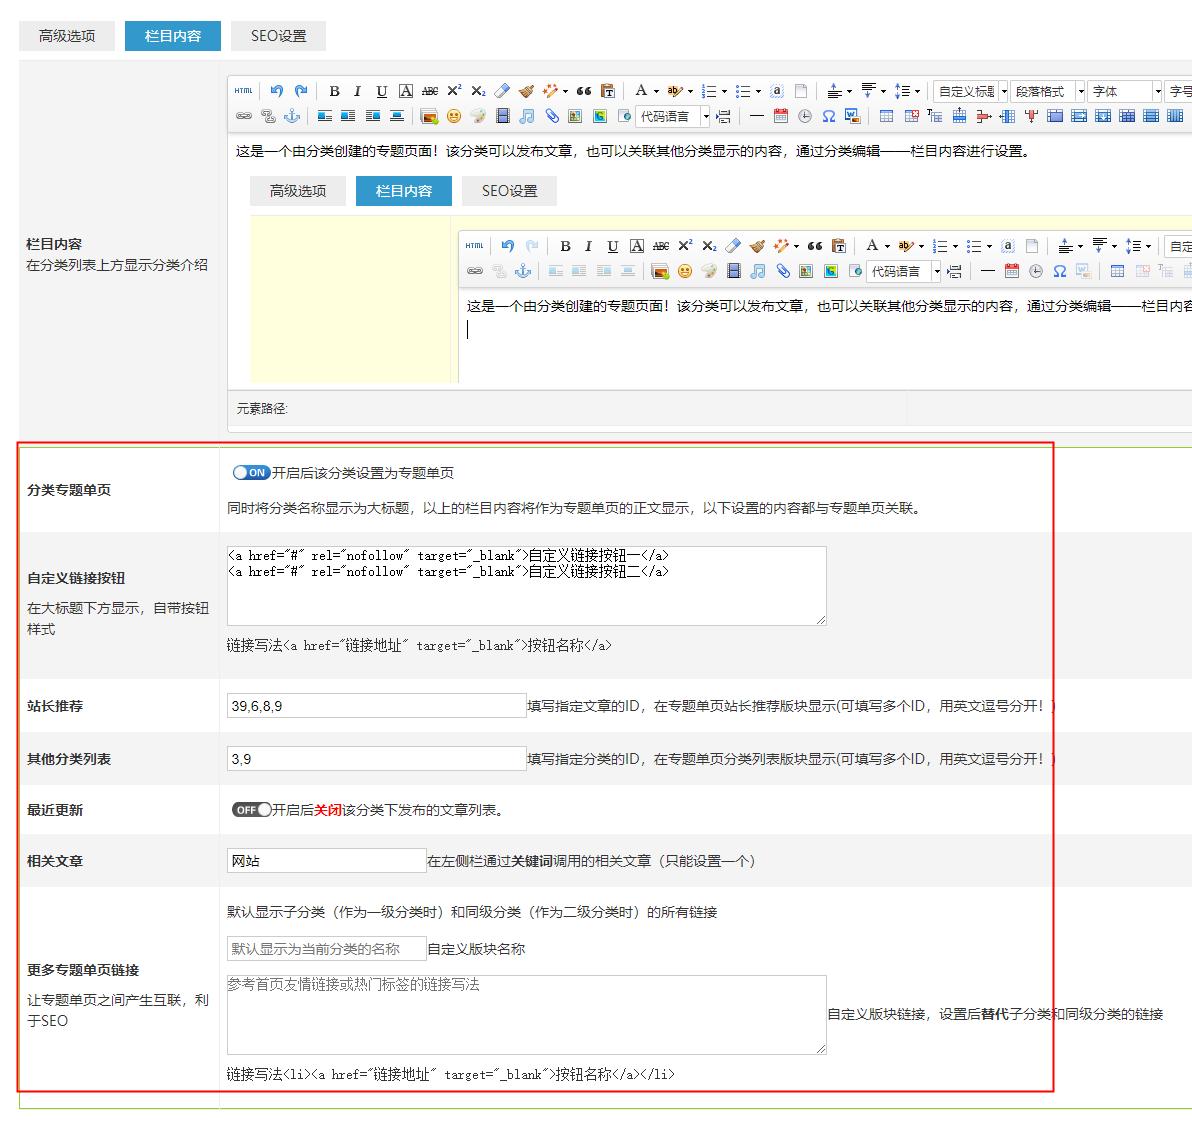 网站分类可以设置为专题单页了 怎么做专题单页 单页网站模板|万能的单页  第1张